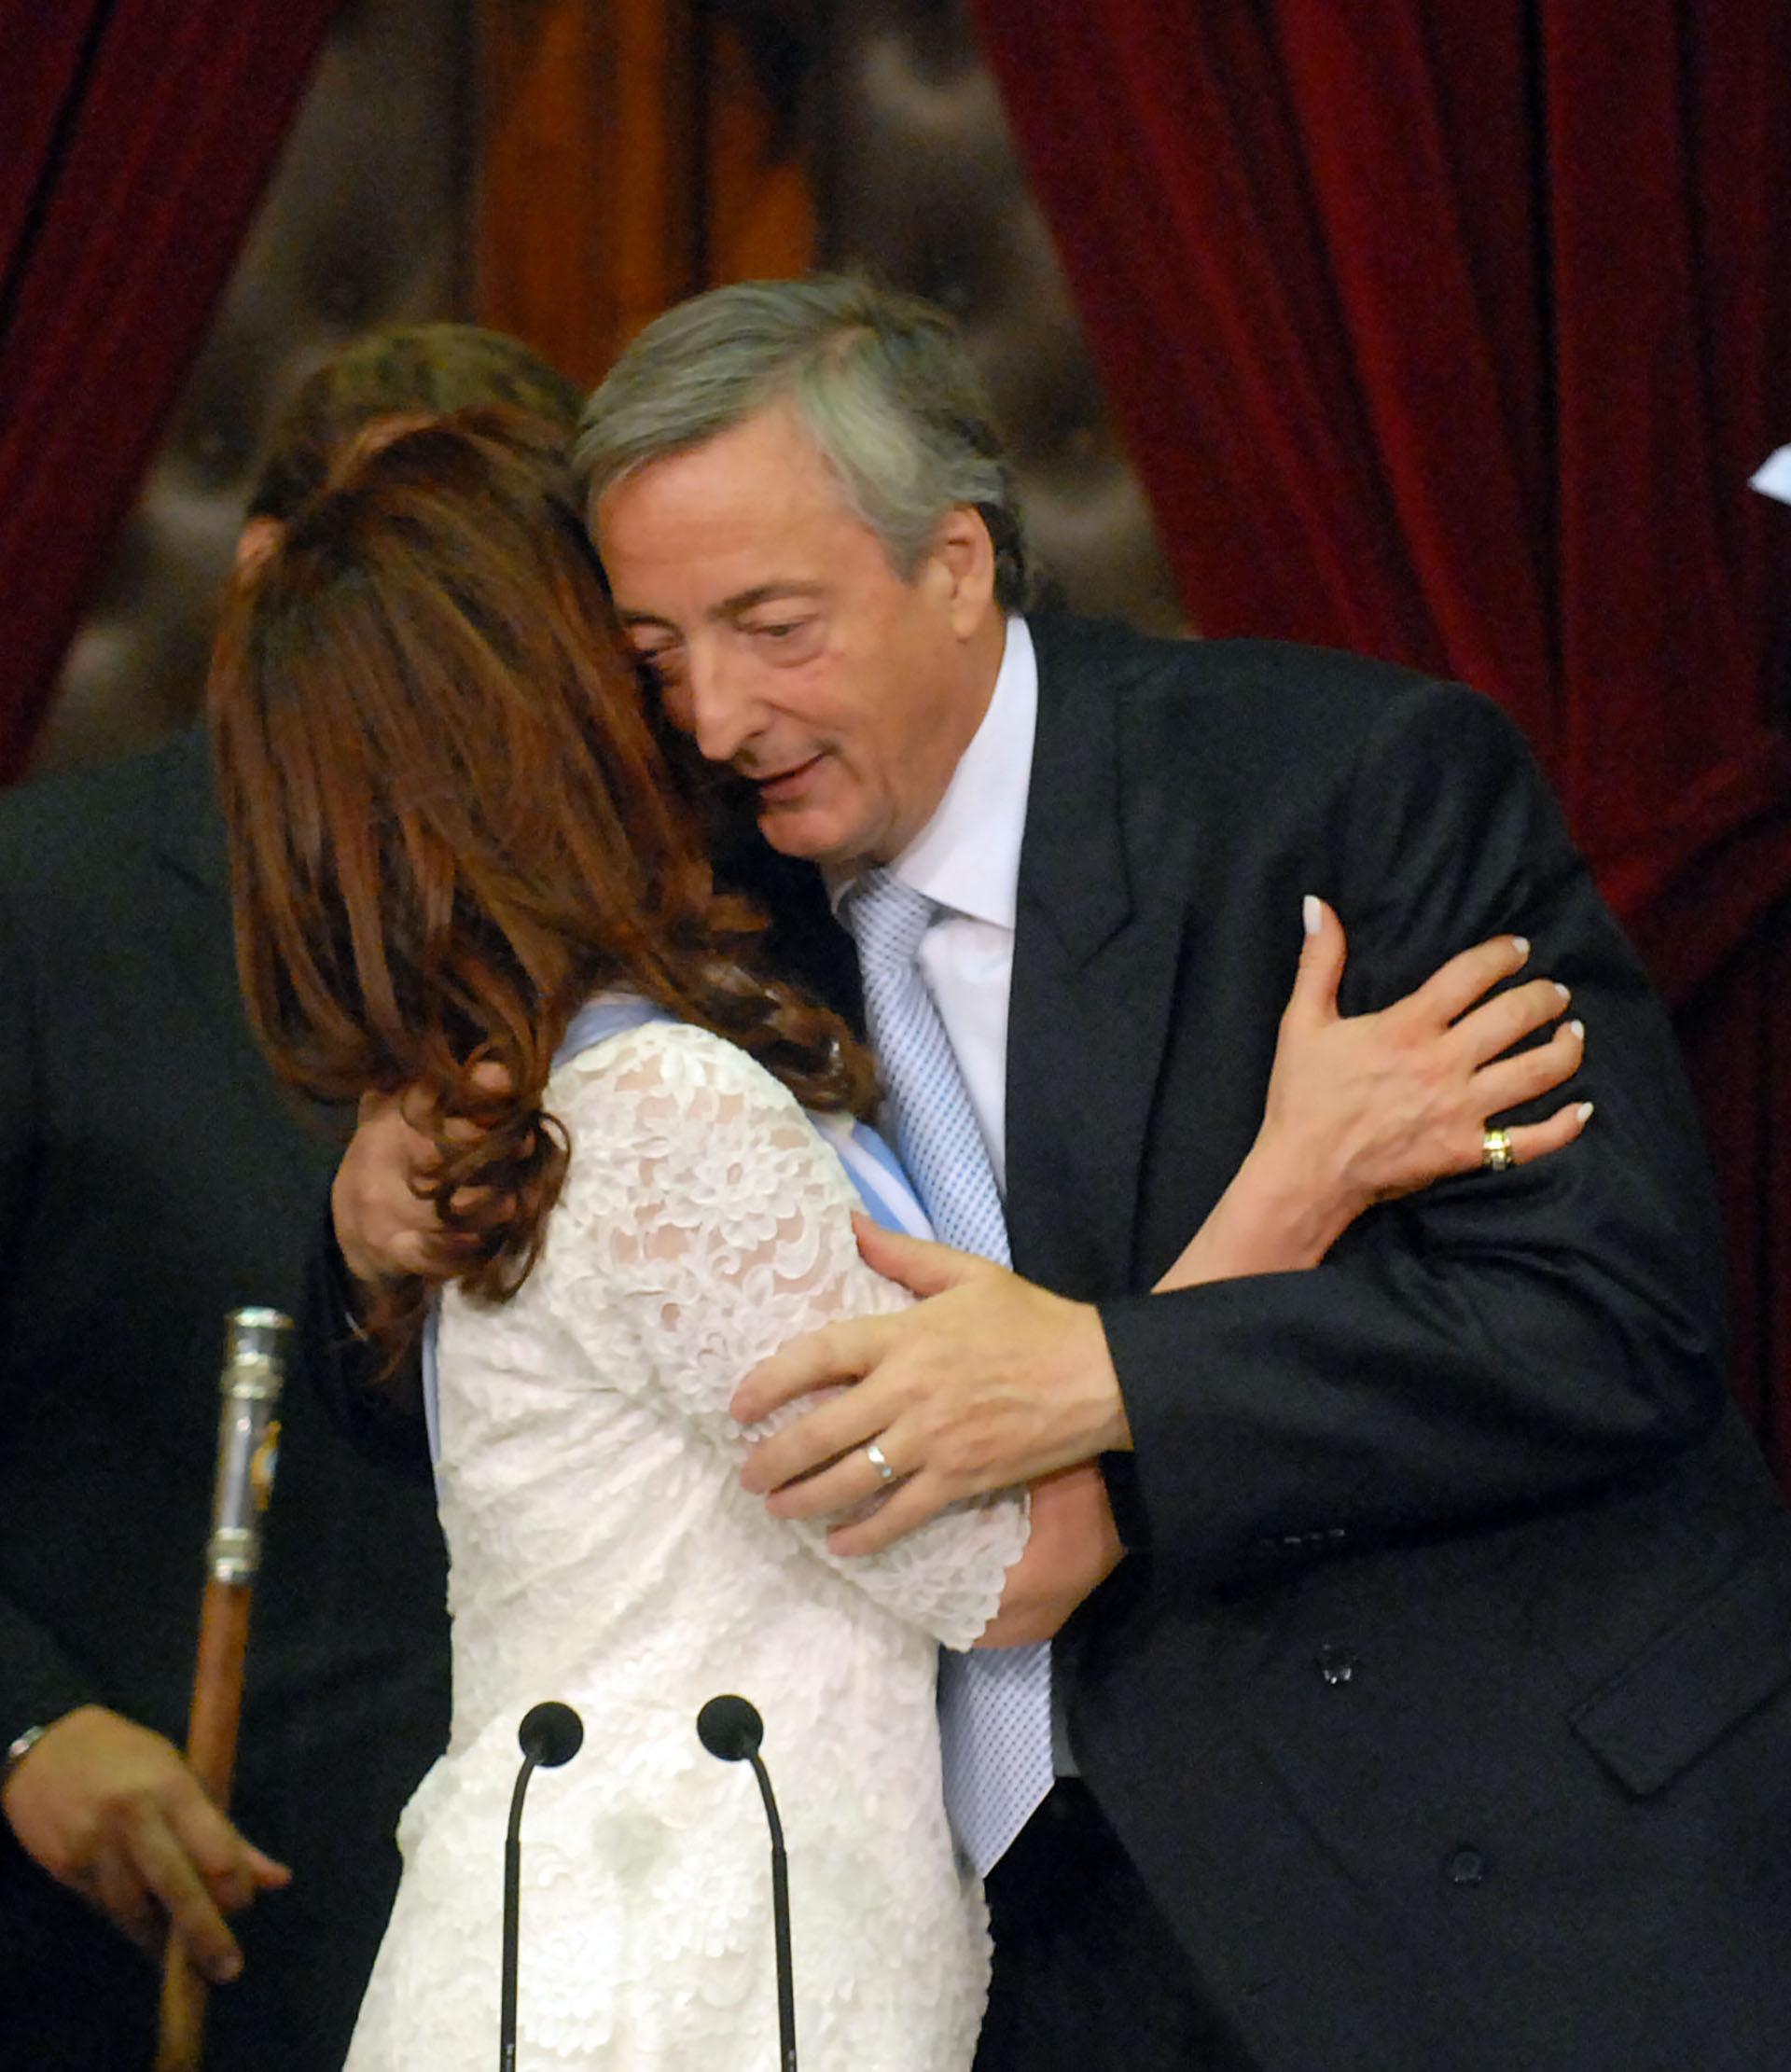 Cristina Fernández de Kirchner abraza a su esposo y presidente saliente, Néstor Kirchner luego de jurar al frente de la Asamblea Legislativa en el Congreso de la Nación y asumir como la nueva presidenta argentina.